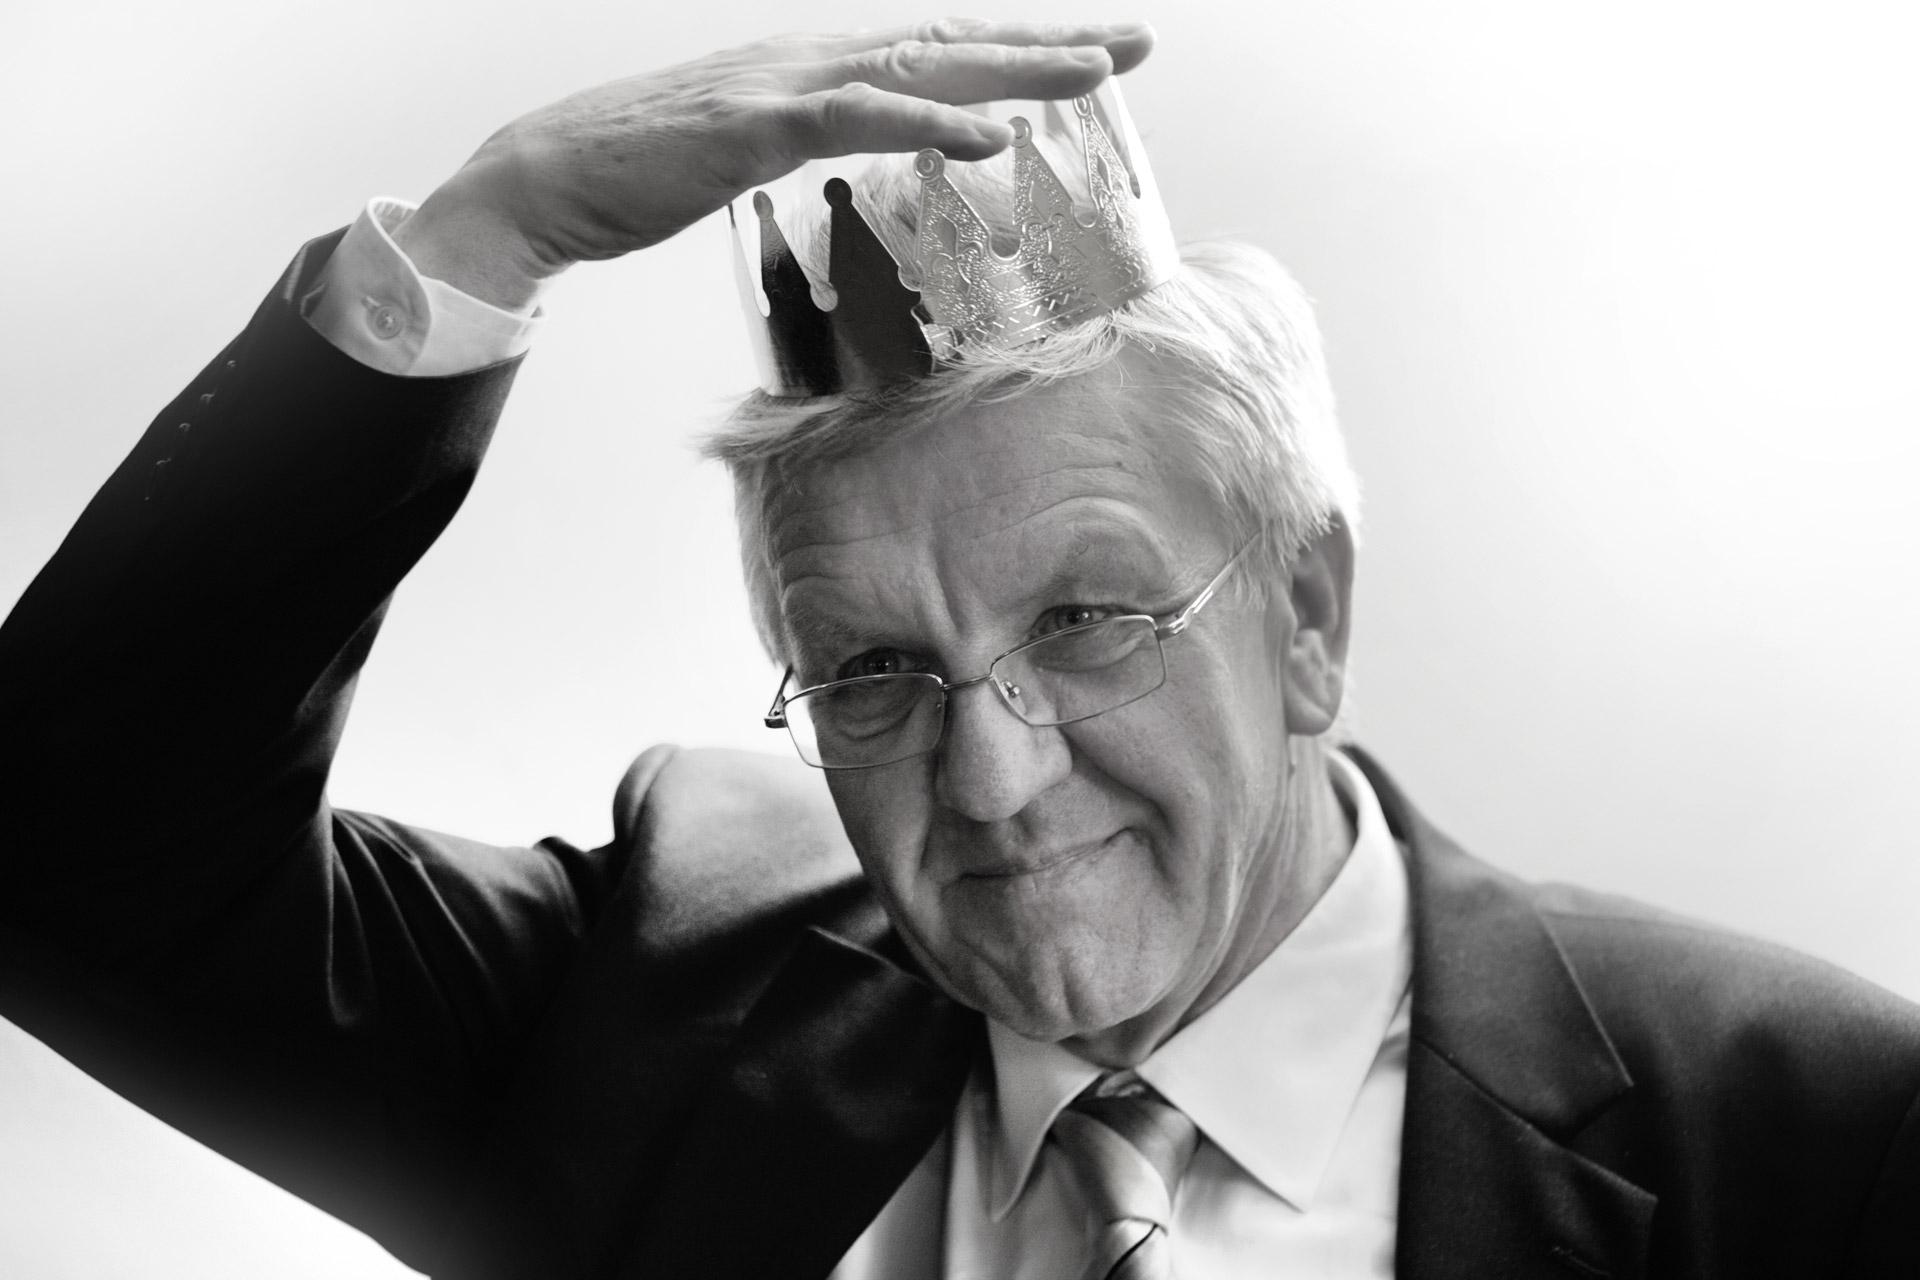 """Winfried Kretschmann, amtierender Ministerpräsident von Baden-Württemberg, BÜNDNIS 90/DIE GRÜNEN -  """"Der Starschnitt"""" Welt Kompakt 28.03.2011"""